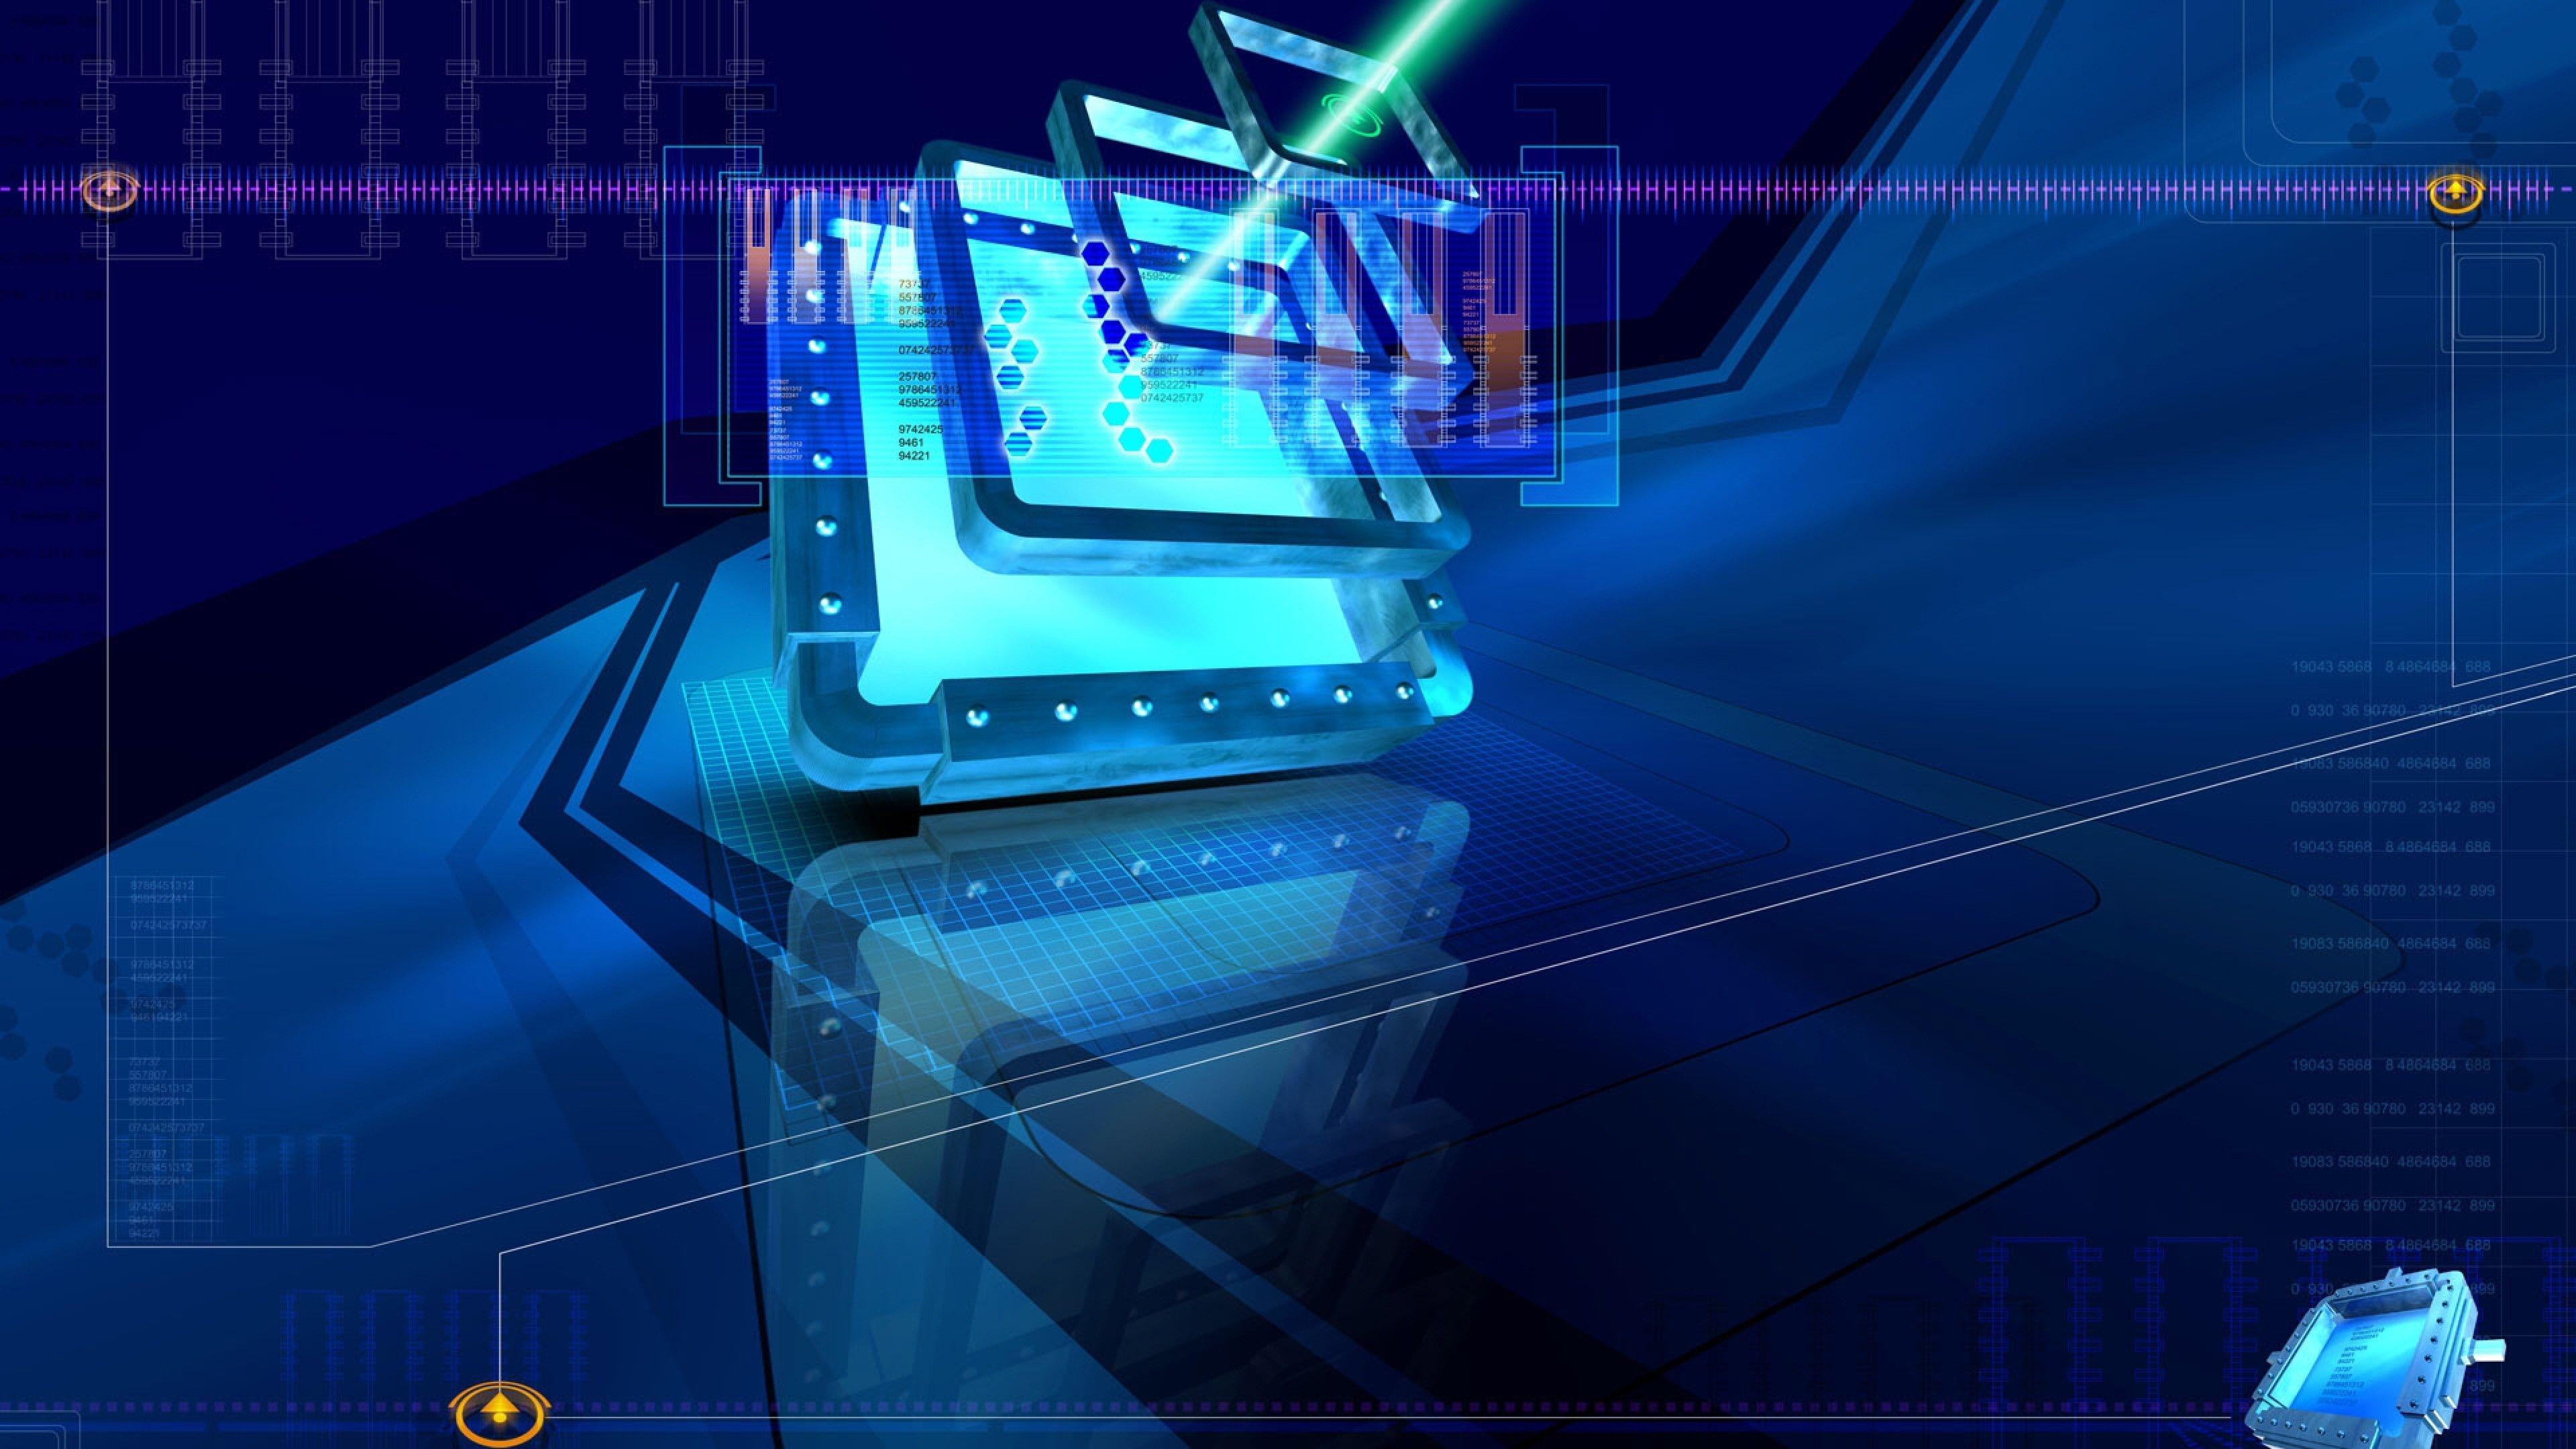 Res 3840x2160, Desktop Backgrounds Cool High Tech (